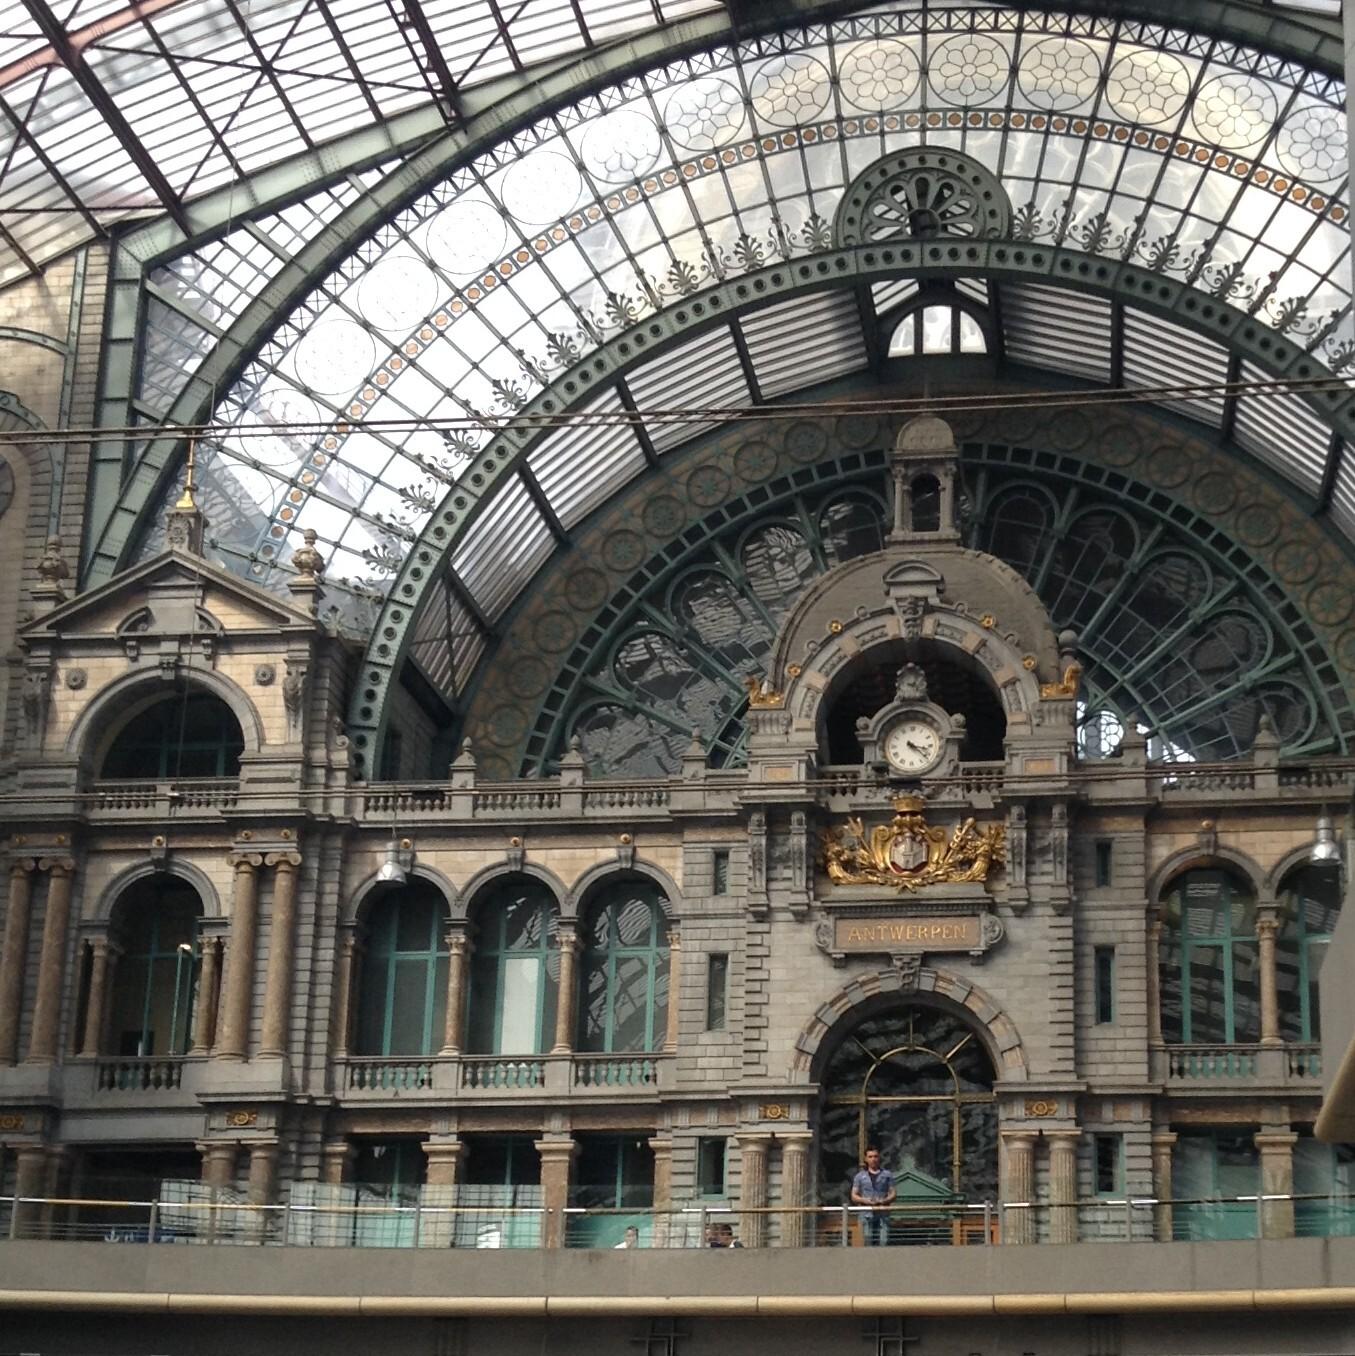 Antwerp Rail Station